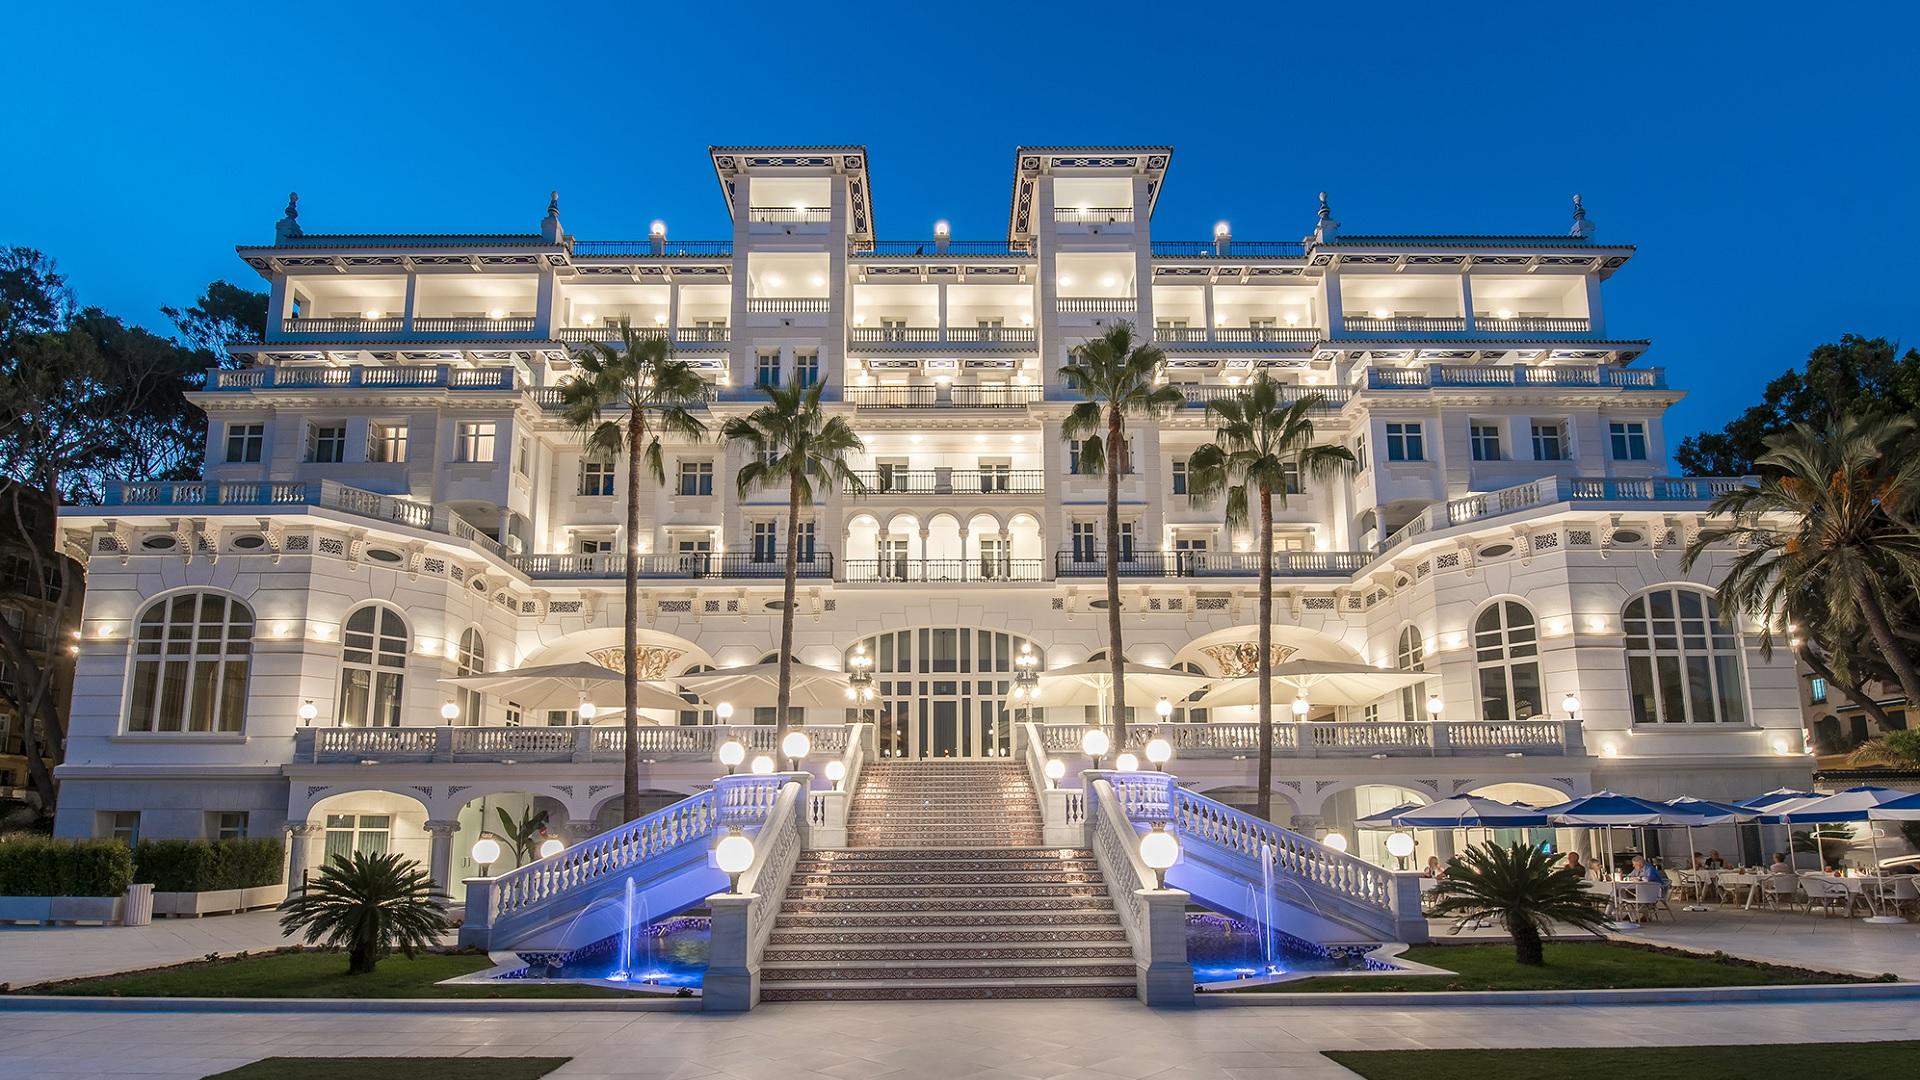 NAVIDADES DE LUJO EN EL GRAN HOTEL MIRAMAR DE MÁLAGA